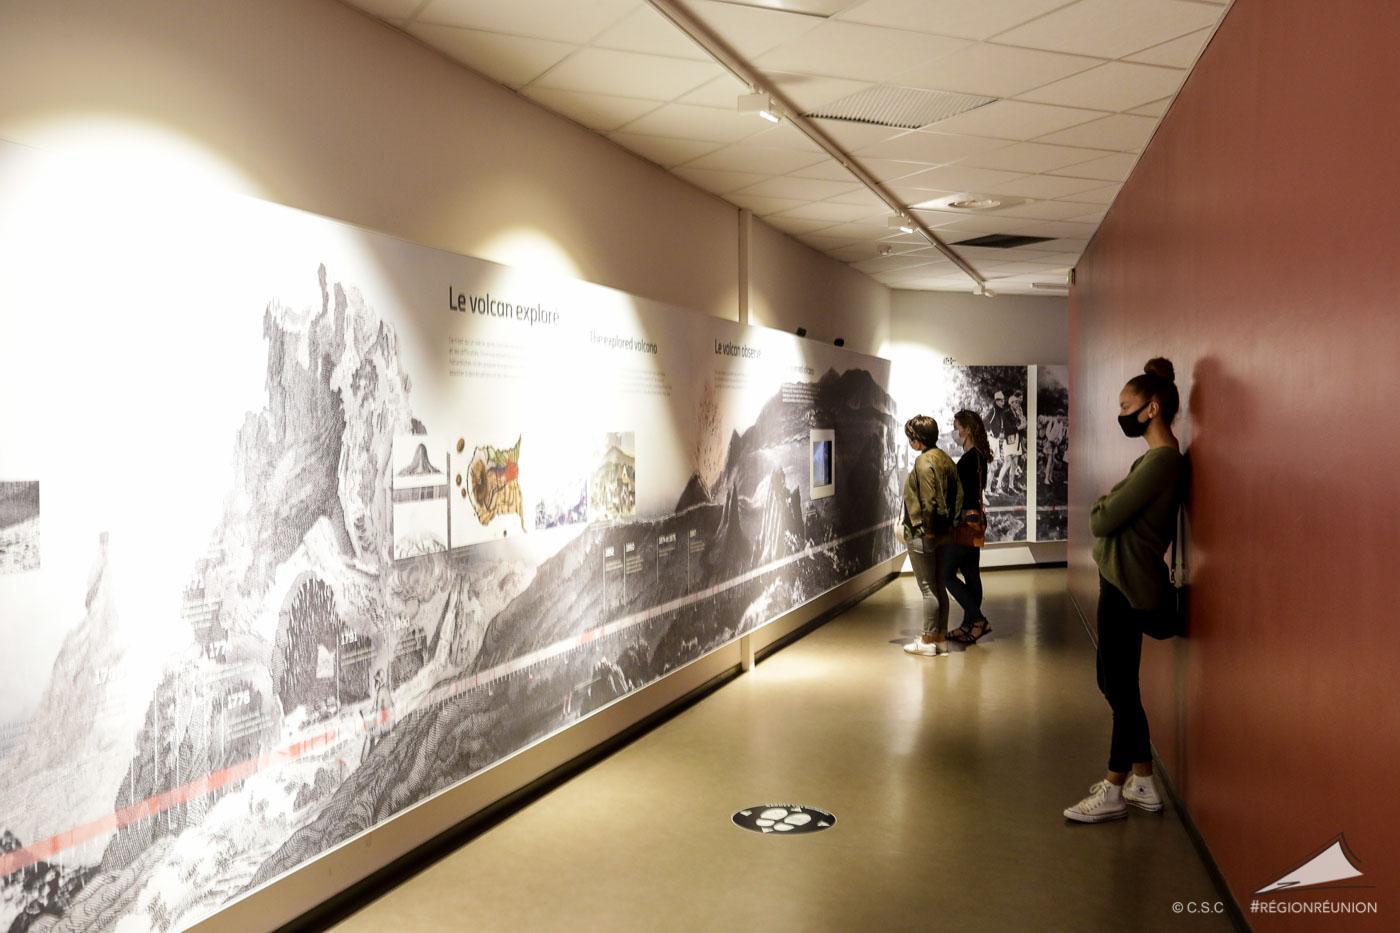 Les Journées européennes du patrimoine - Retour en images